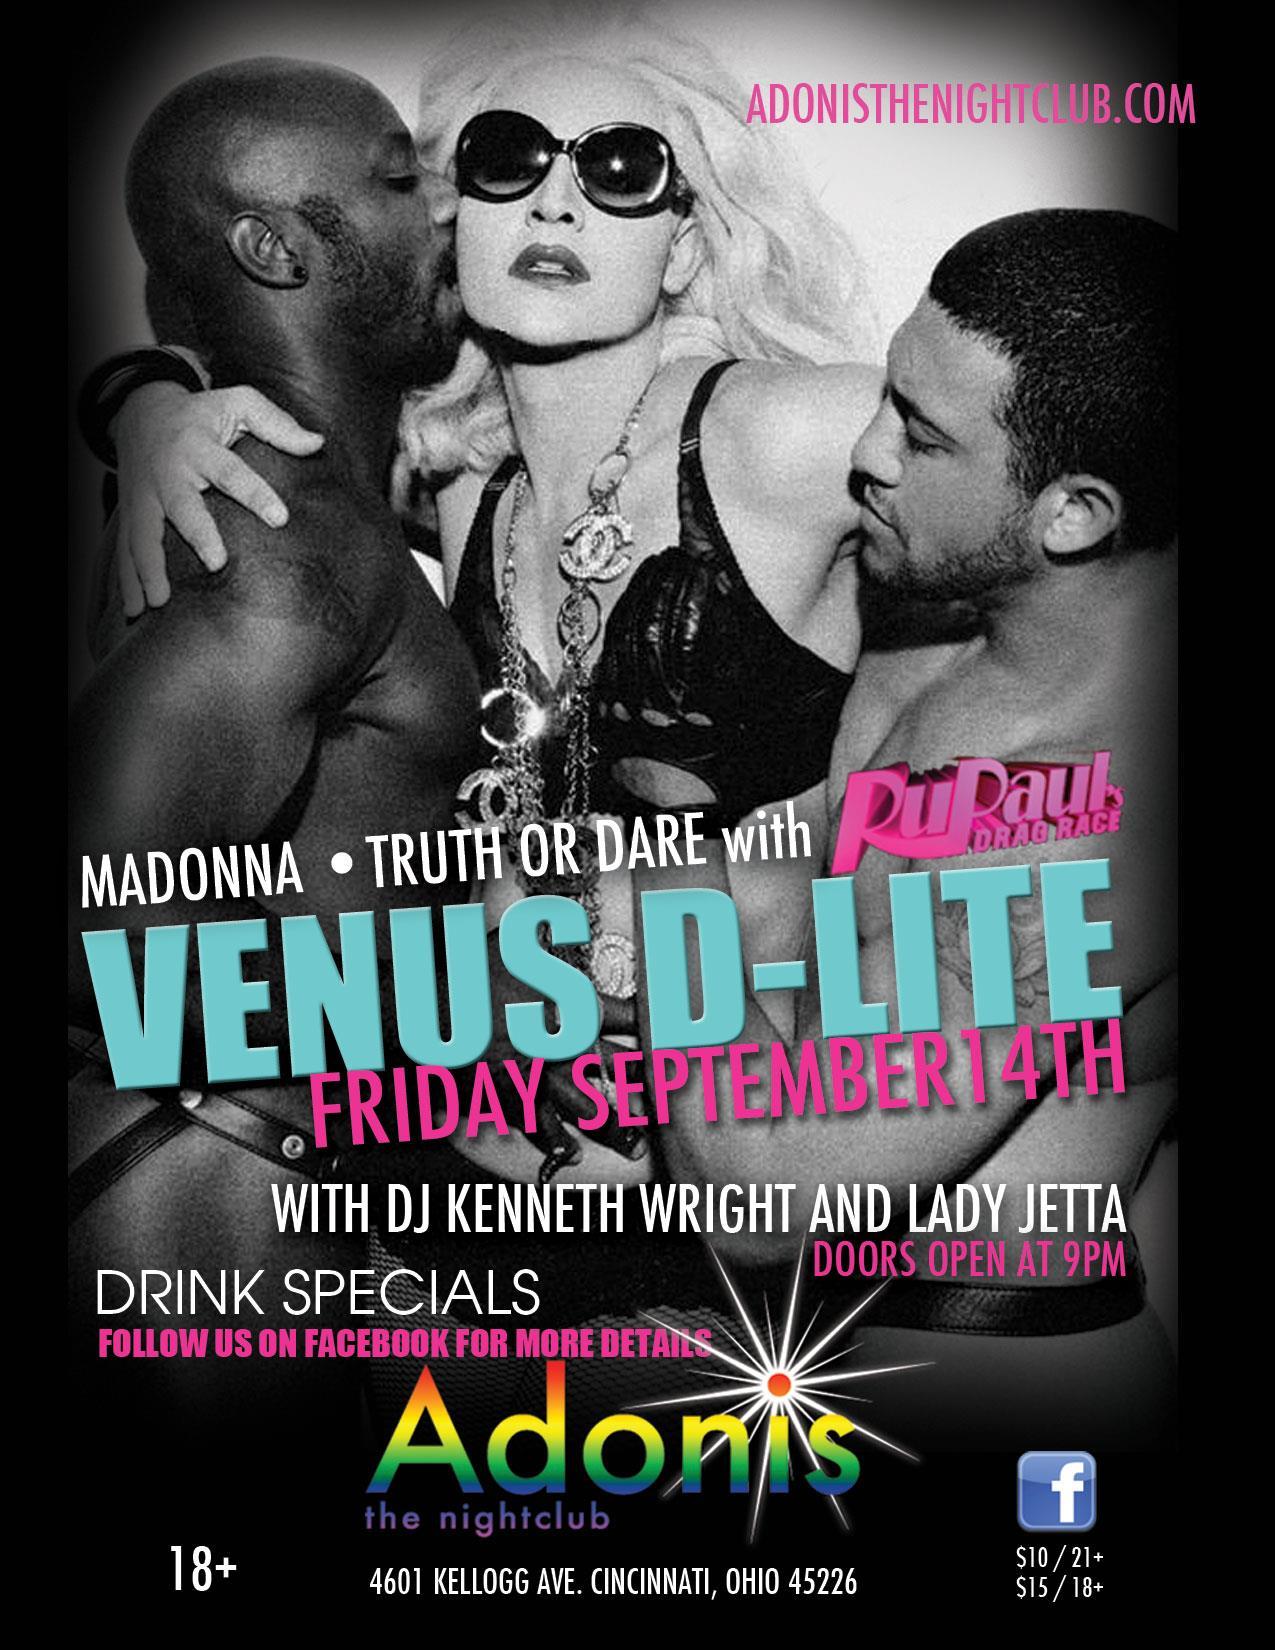 Ad   Adonis the Nightclub (Cincinnati, Ohio)   9/14/2012